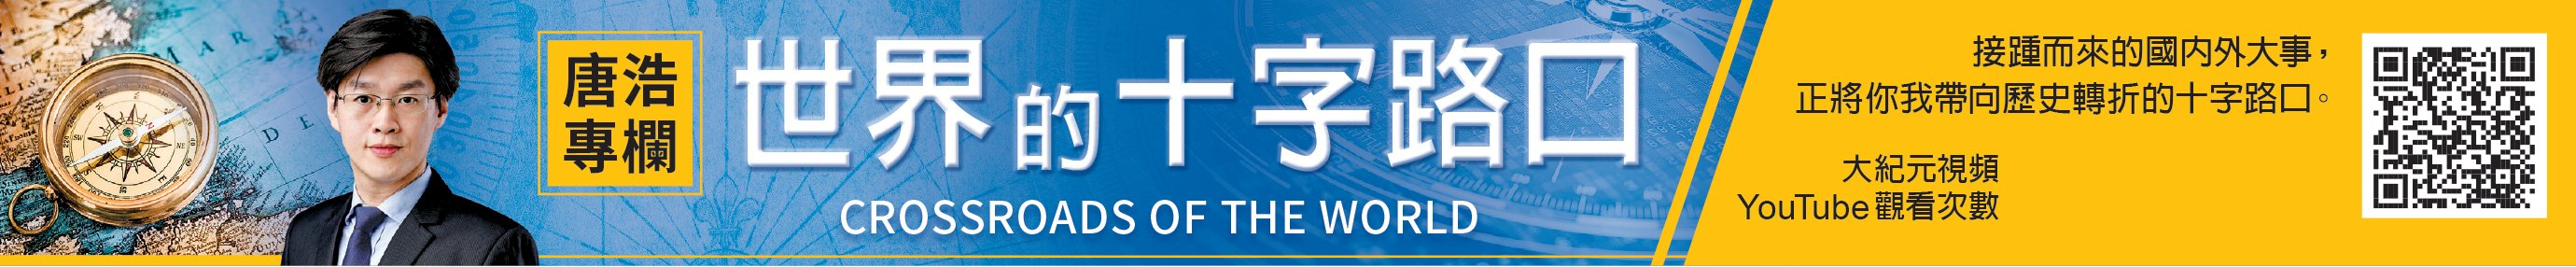 【十字路口】唐浩專欄 :  深入滲透聯合國 中共藏何野心?